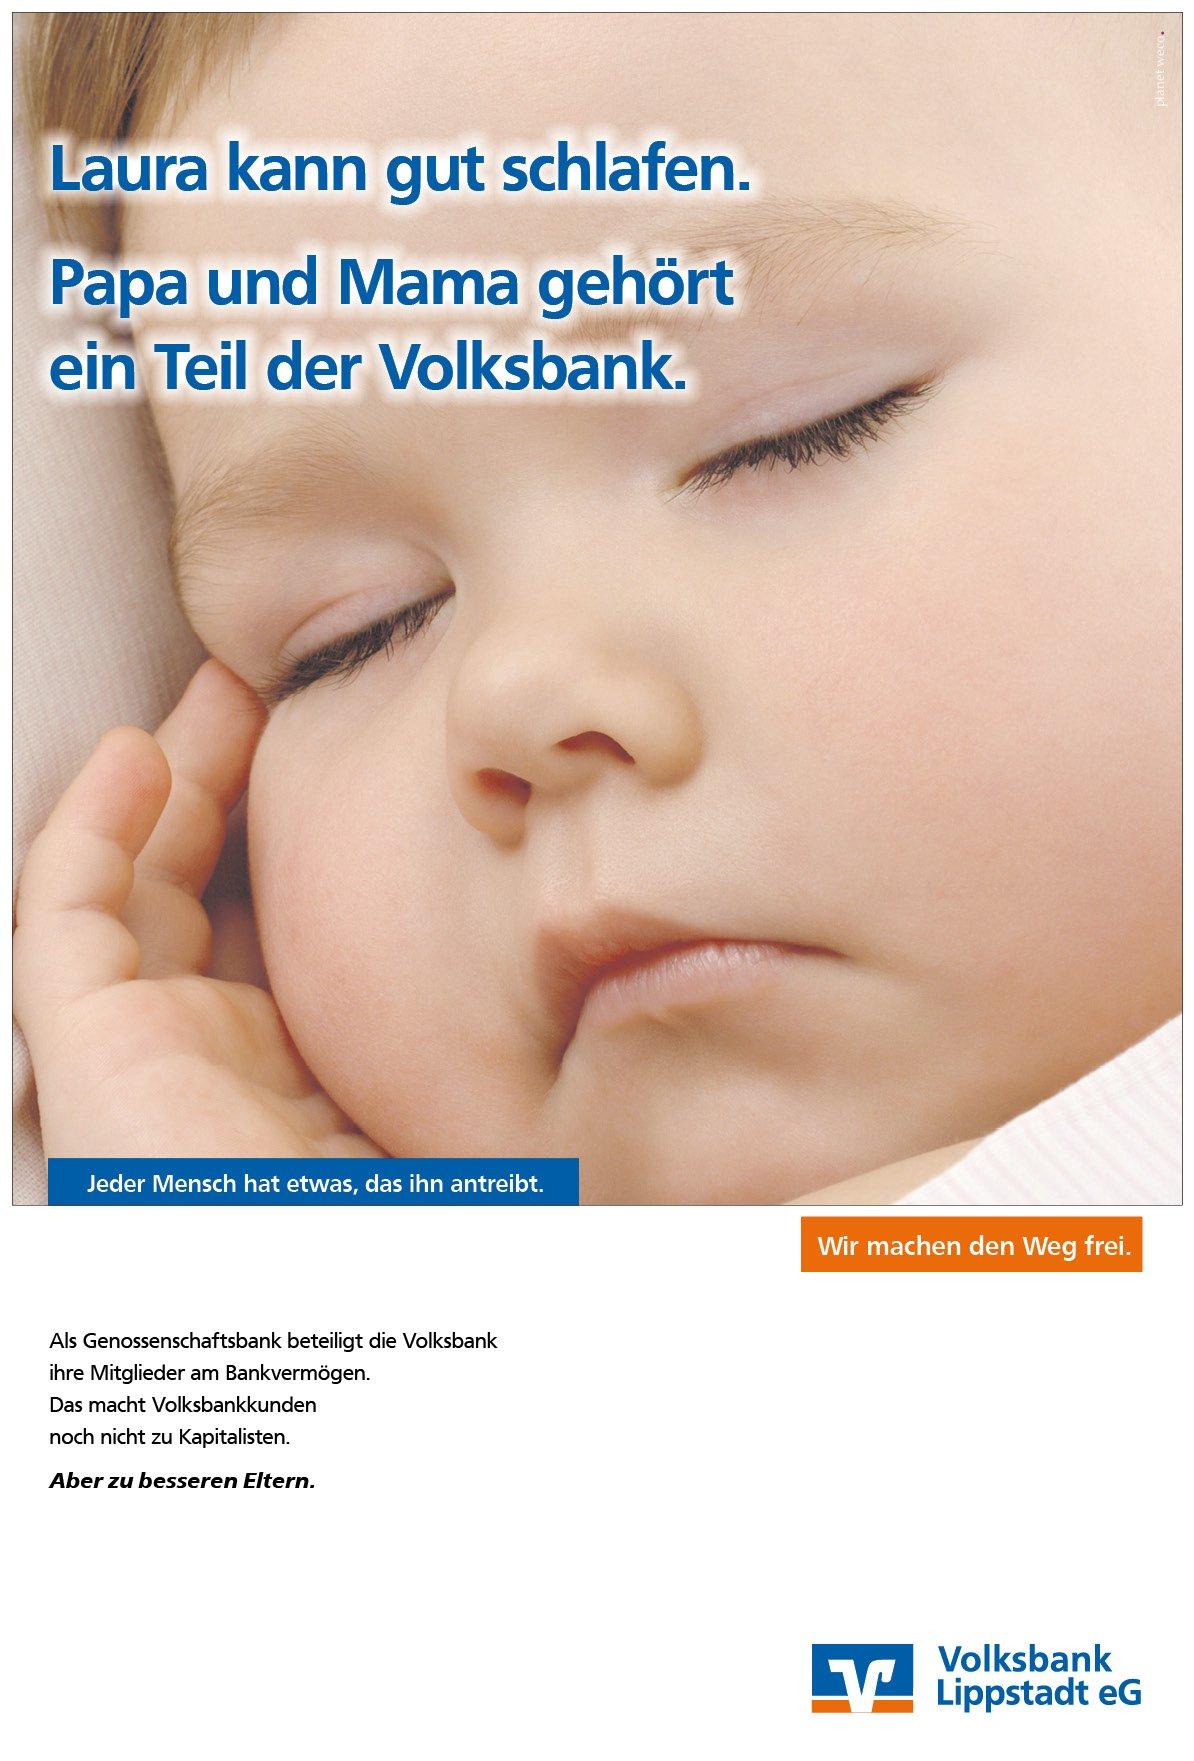 emotionale Werbung der Markenagentur für die Volksbank